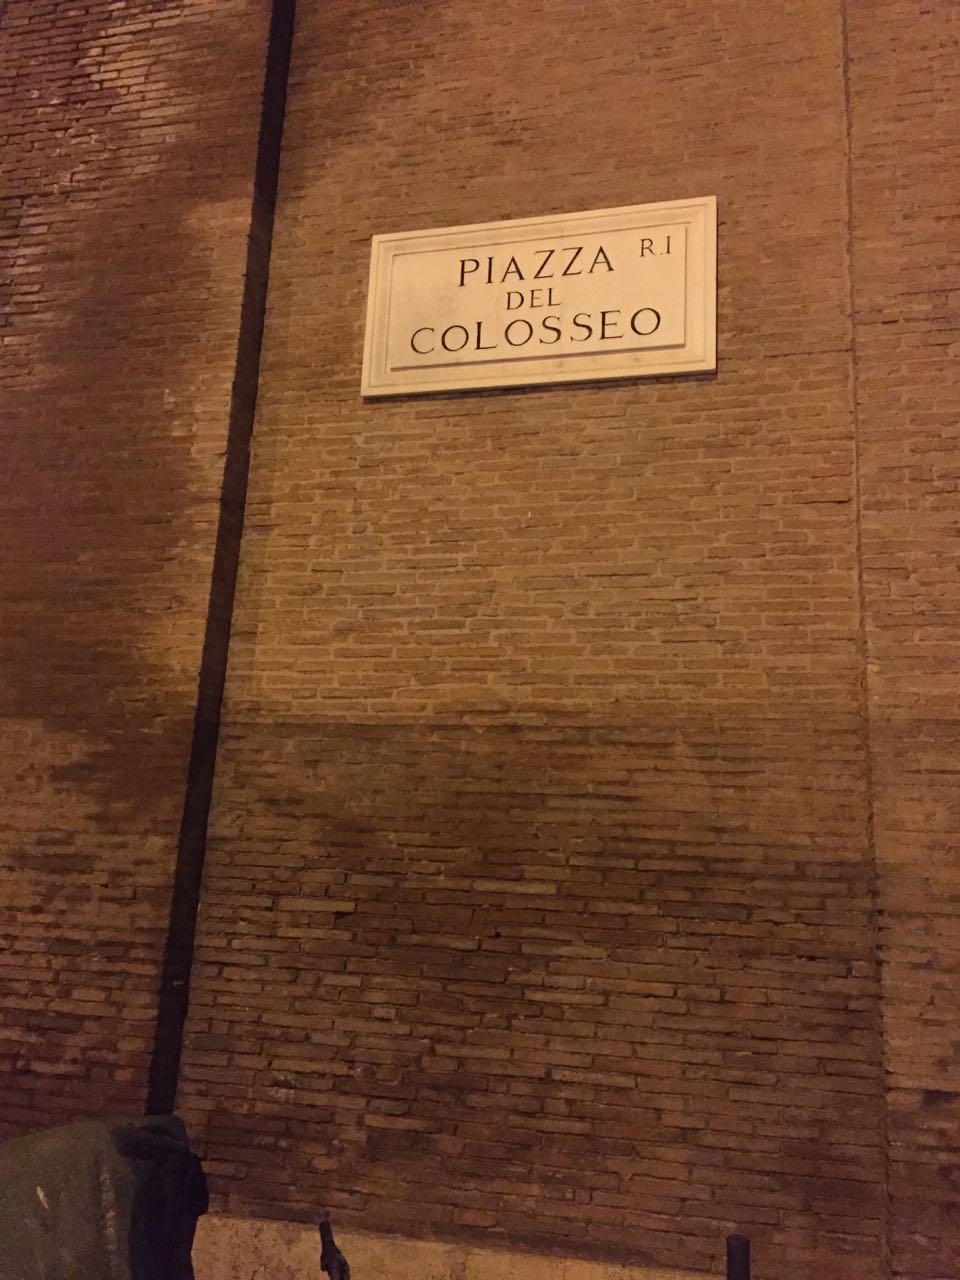 1FTtravel Rome - Colosseo Celio - Lazio, May 19, 2015 - 4 of 4